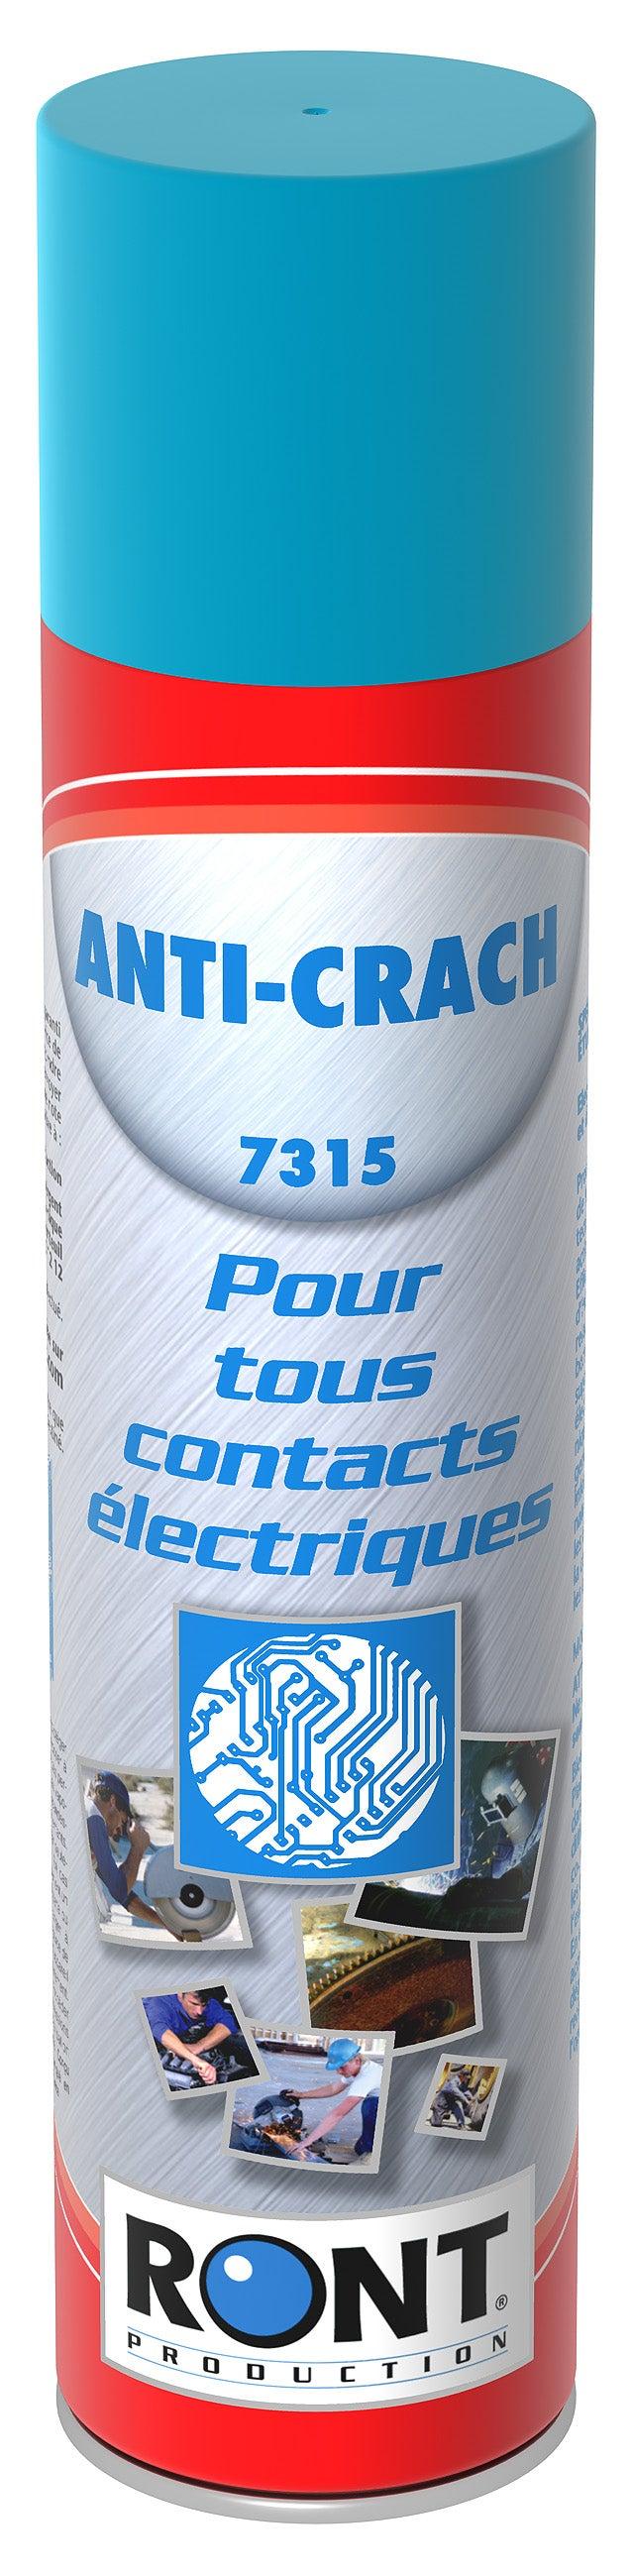 Anticrach Contact En Aérosol 300 Ml Ront Production